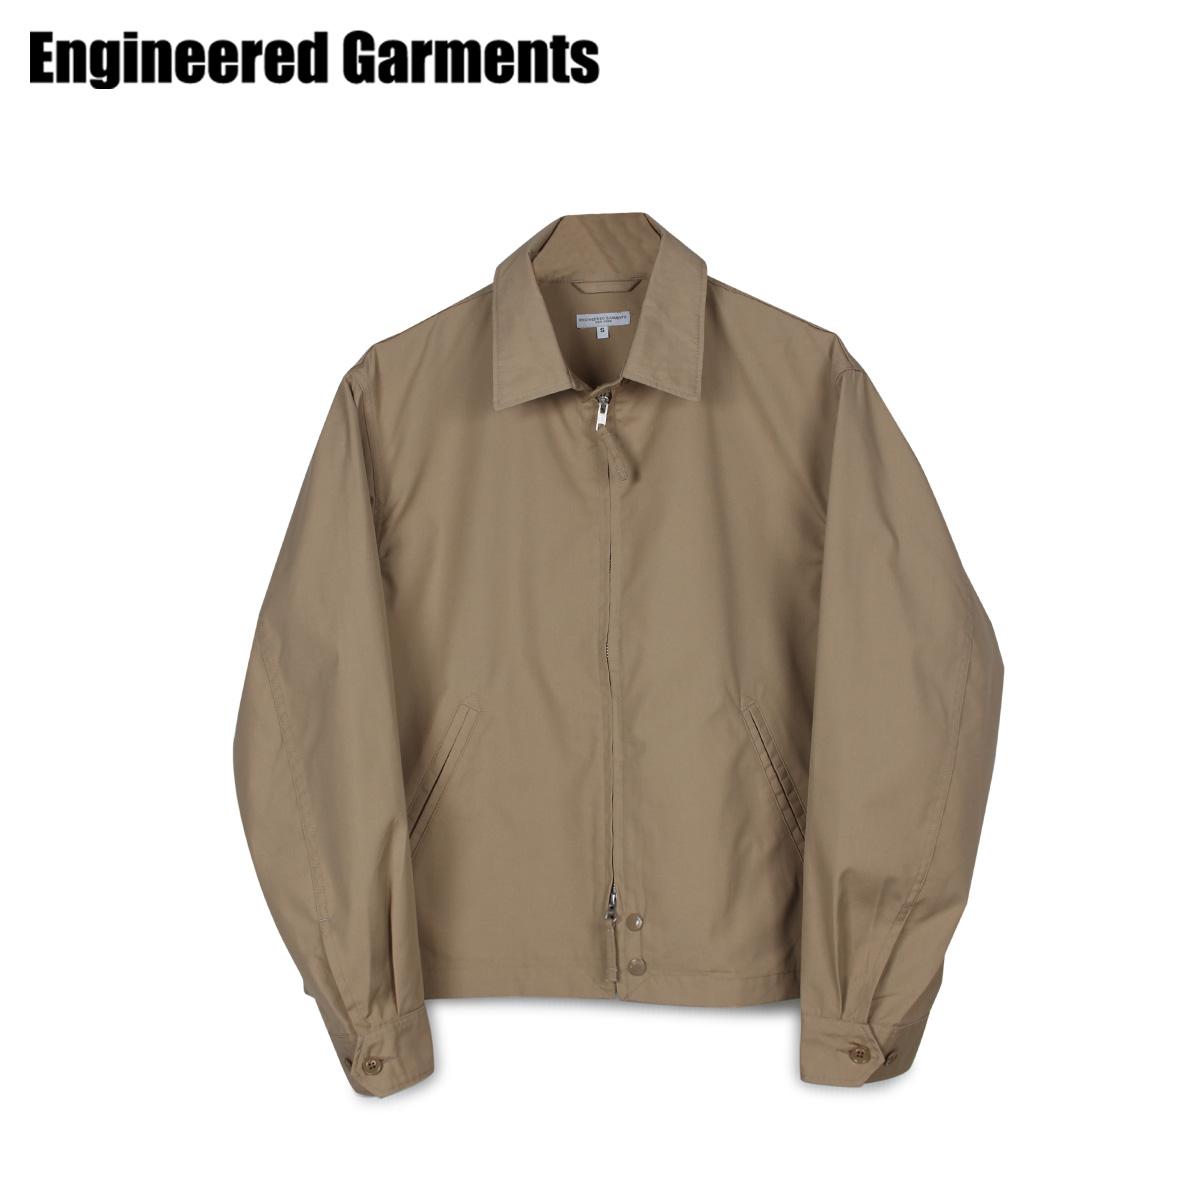 ENGINEERED GARMENTS エンジニアドガーメンツ ジャケット メンズ CLAIGTON JACKET カーキ 20S1D026